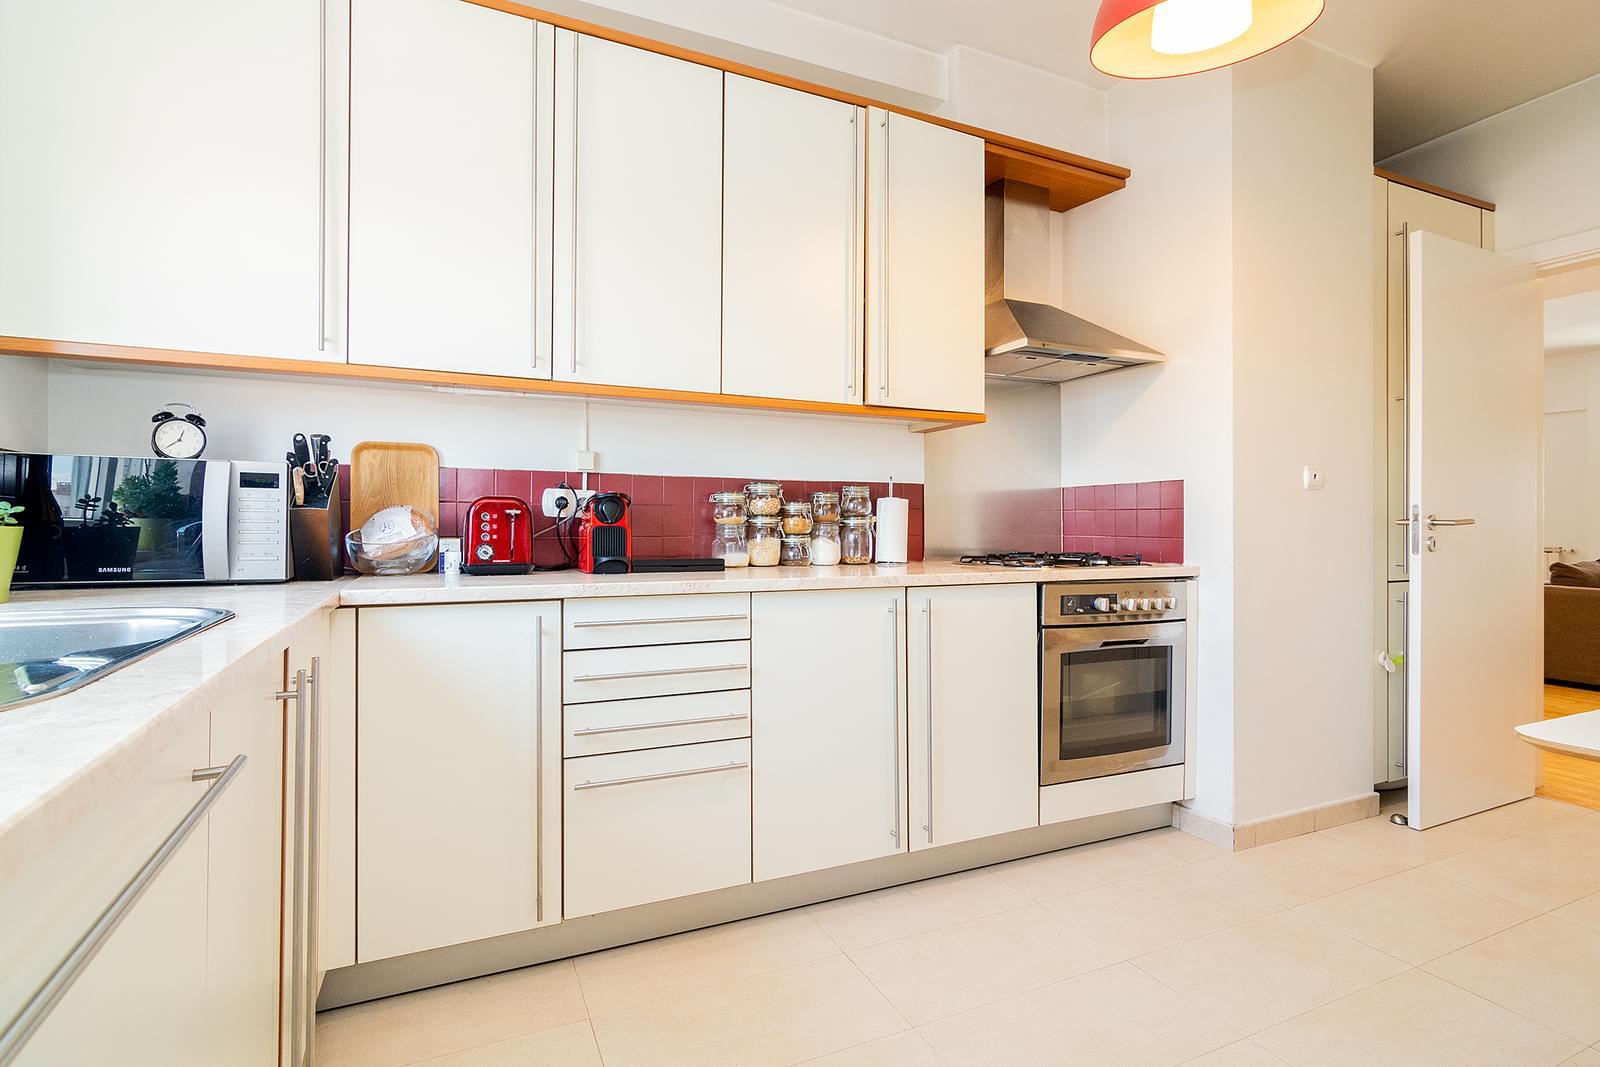 pf14147-apartamento-t3-lisboa-84fc42c5-a51d-4292-a61e-198c02f560bb